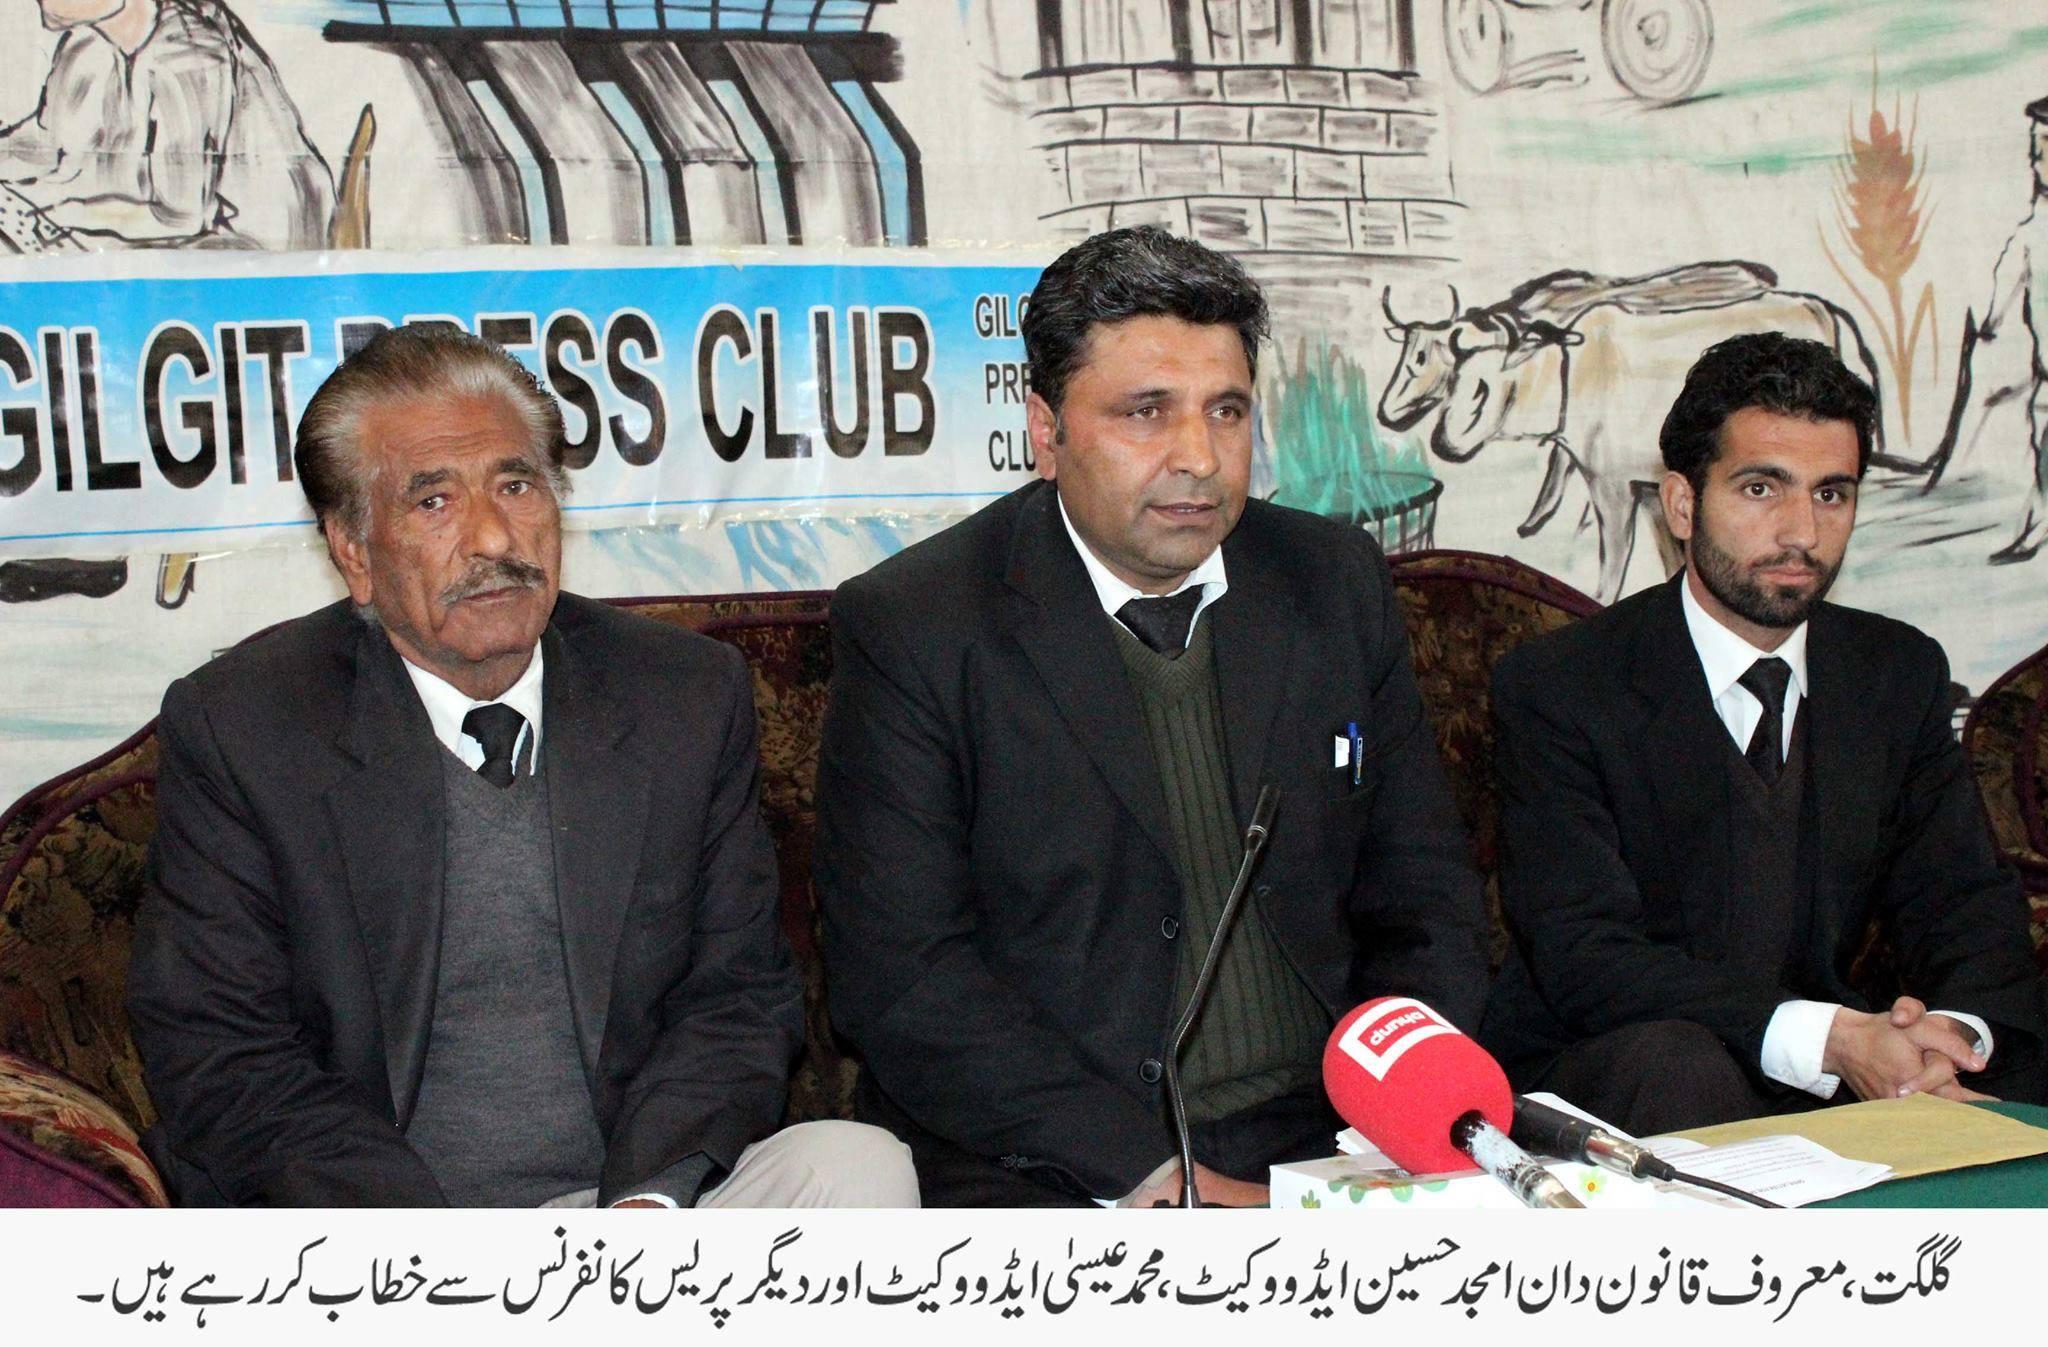 گلگت بلتستان میں محرومیوں کا سلسلہ جاری رہا تو عالمی طاقتوں اور اداروں سے مدد طلب کریں گے، ممتاز وکلاء امجد حسین اور محمد عیسی کا پریس کانفرس سے خطاب